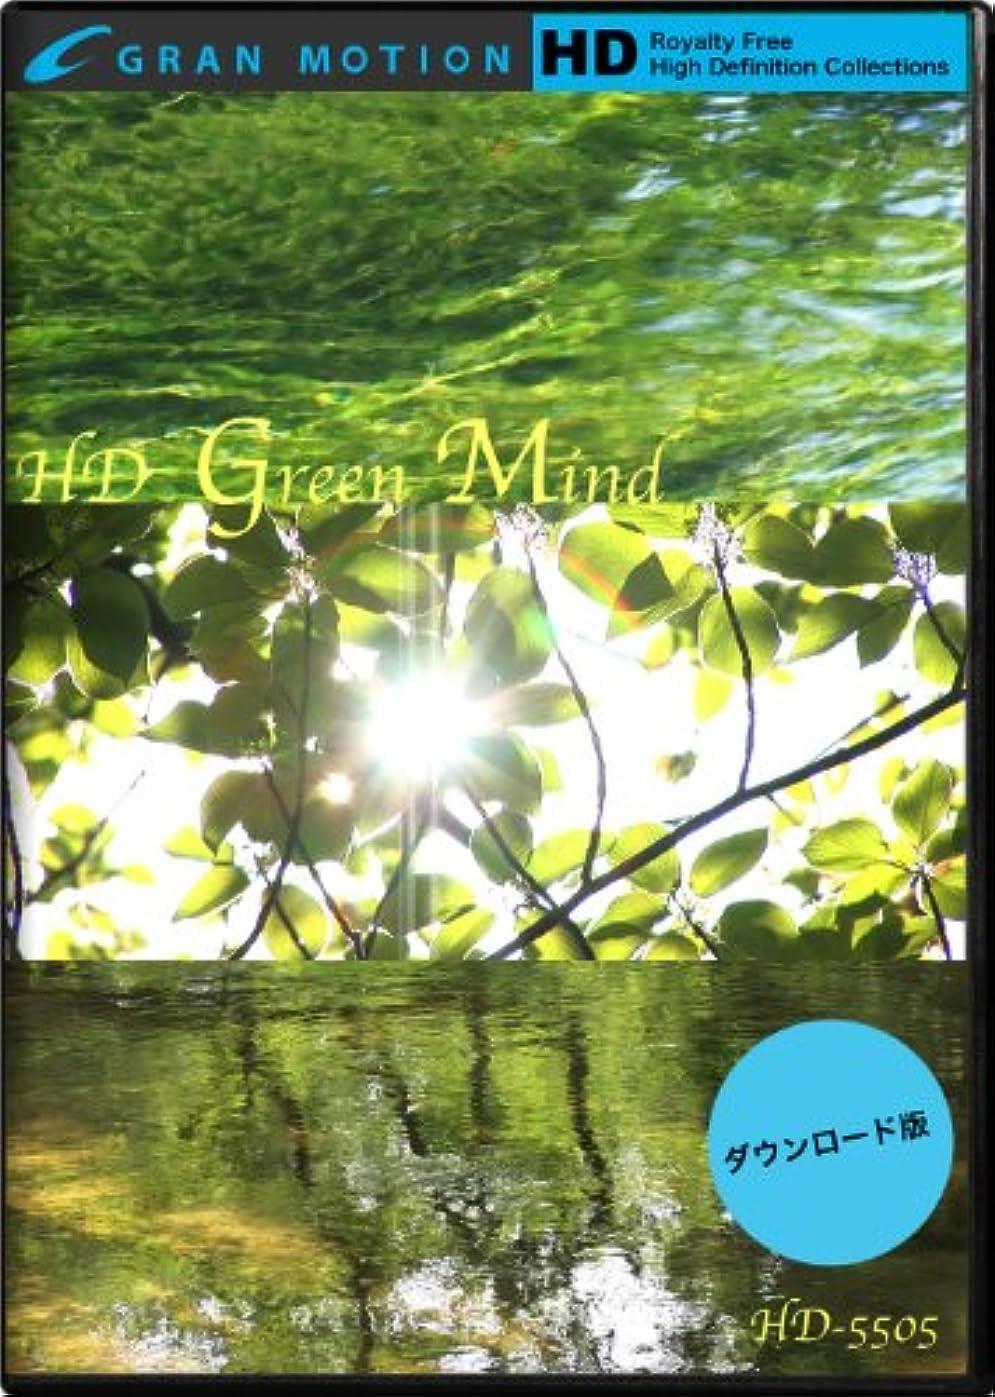 グランモーション HD-5505 グリーンマインド [ダウンロード]